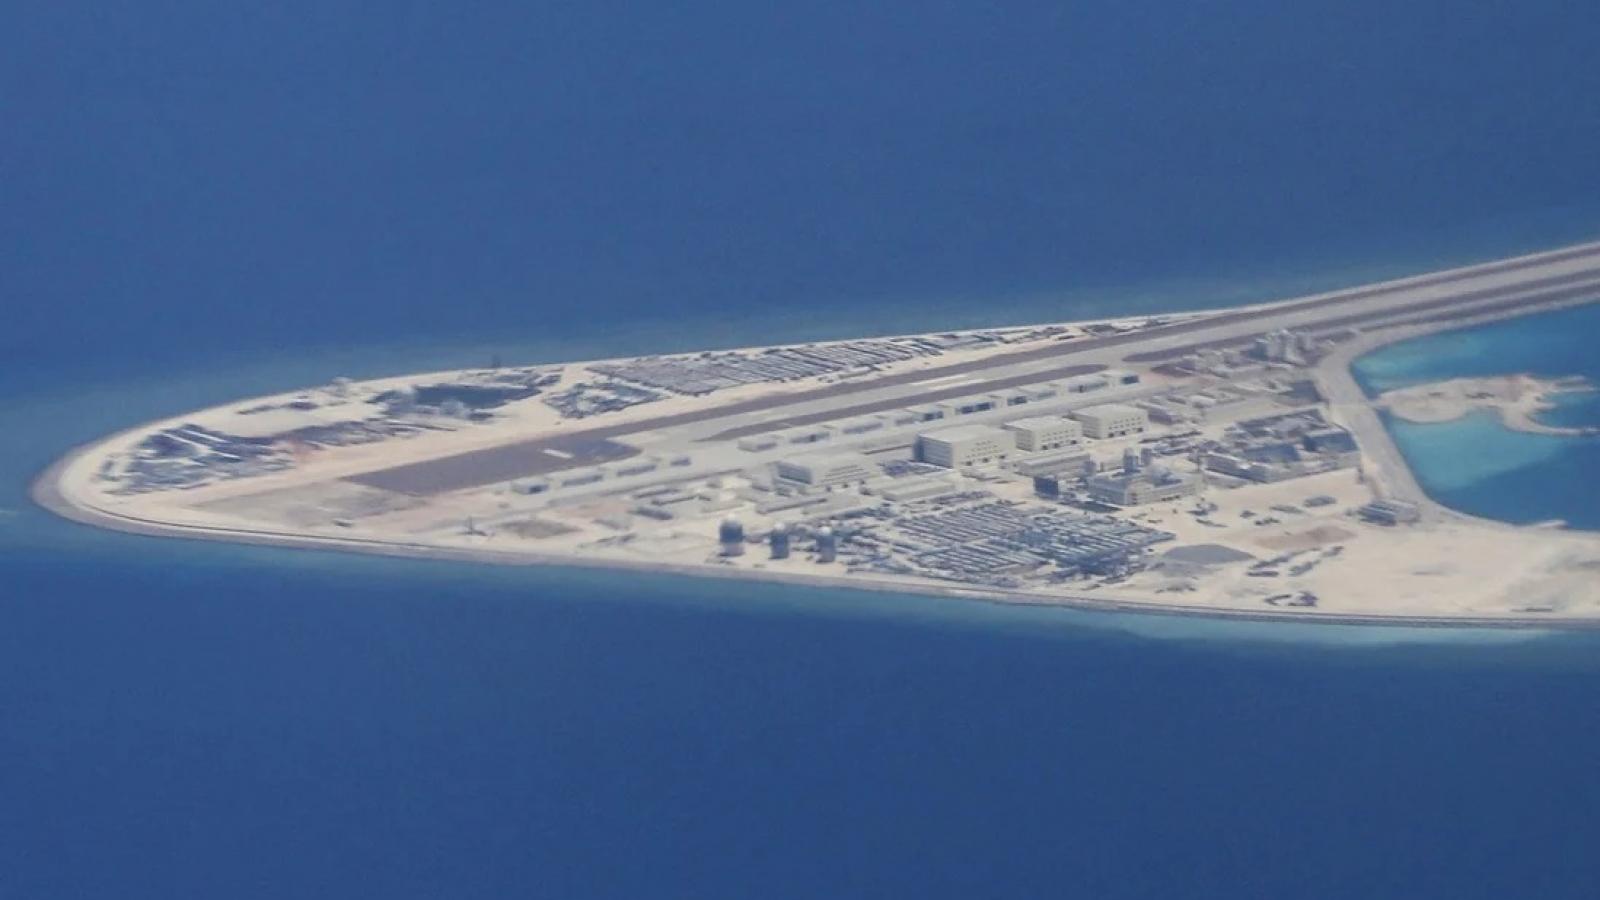 Các căn cứ quân sự phi pháp của Trung Quốc ở Biển Đông dễ bị tấn công tiêu diệt